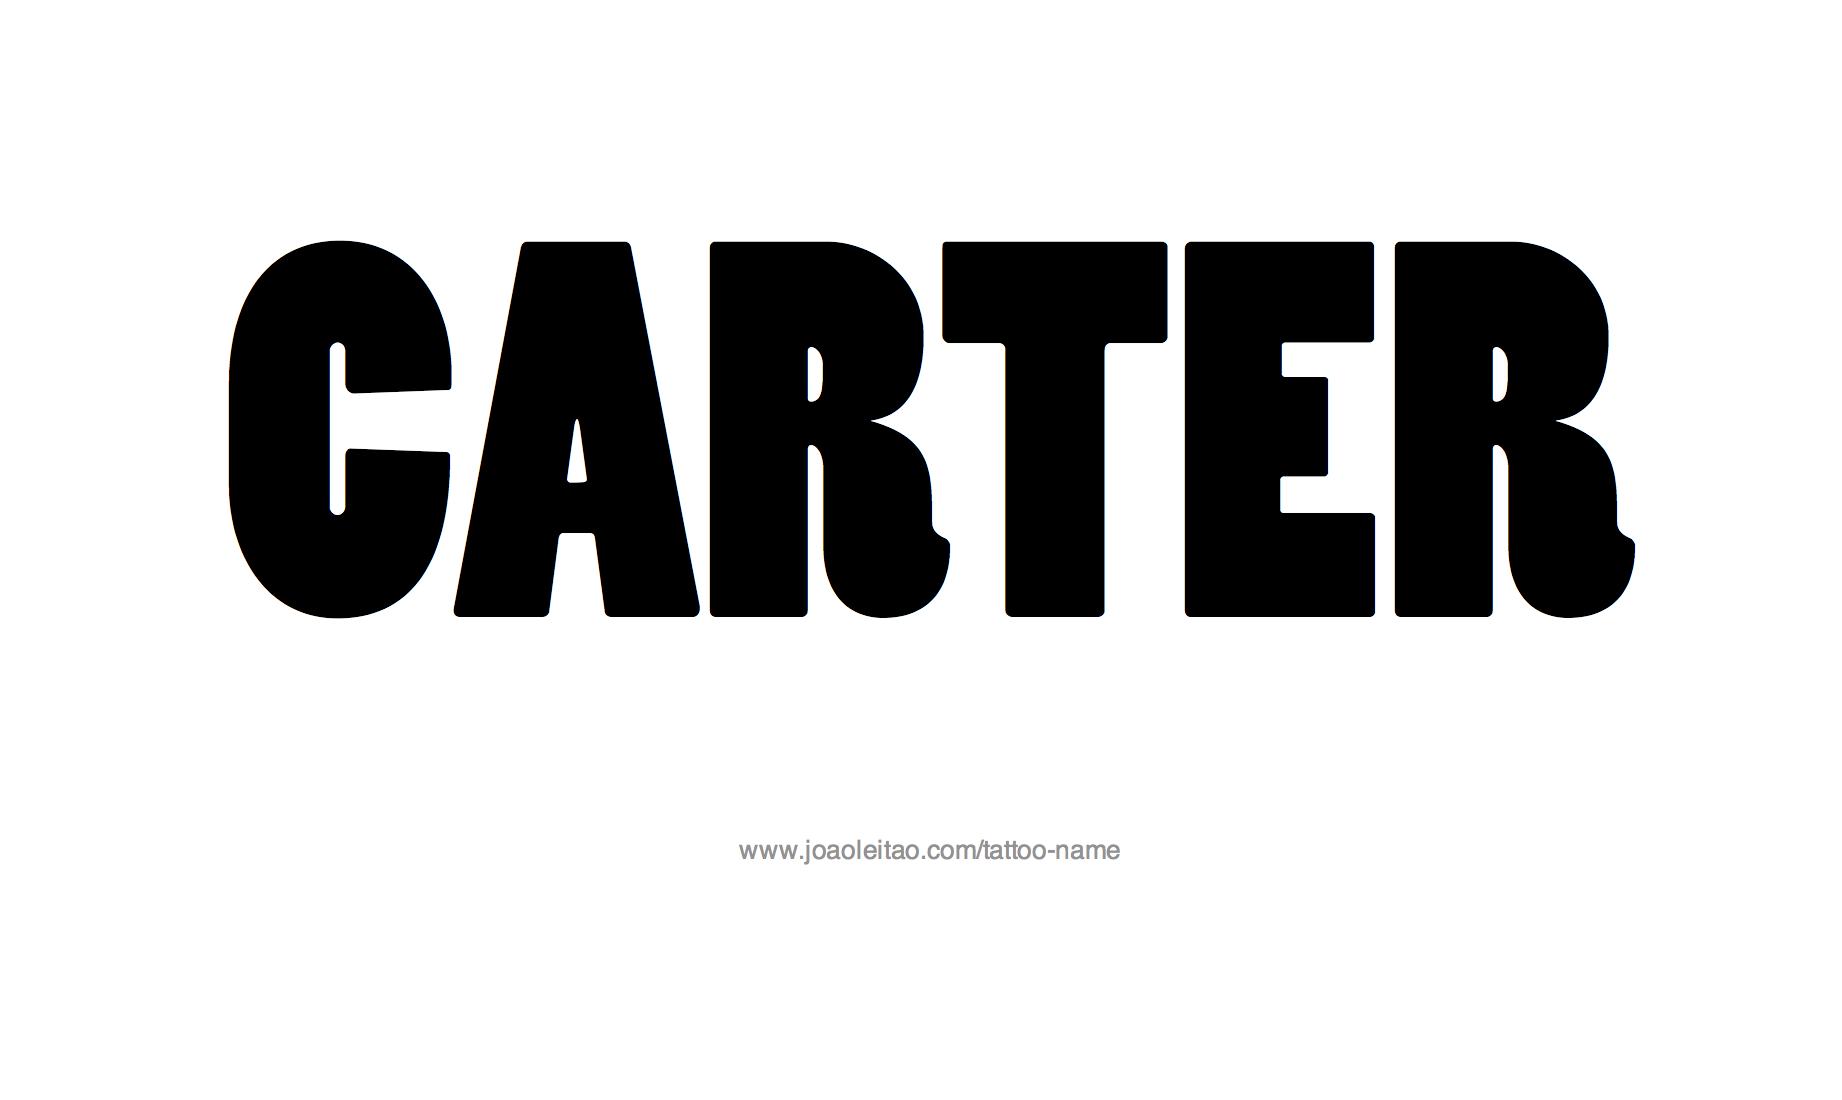 Name: Carter Name Tattoo Designs